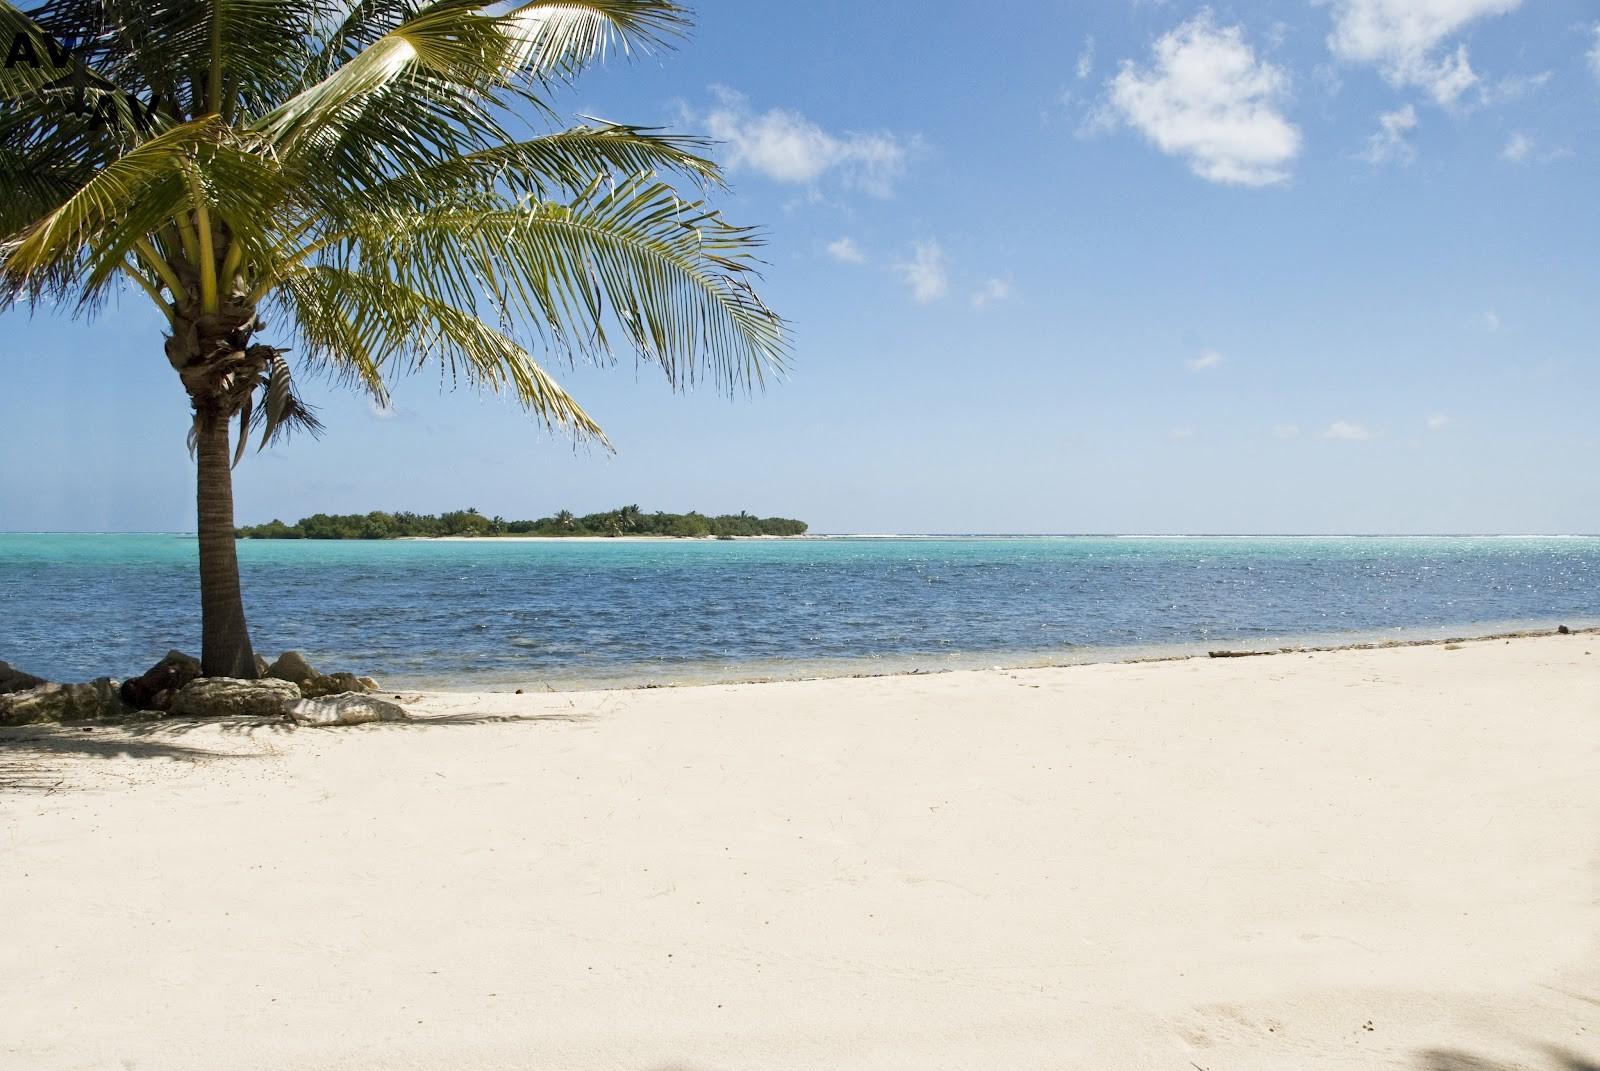 Puteshestvie na Kaymanovyi ostrova2 - Путешествие на Каймановы острова